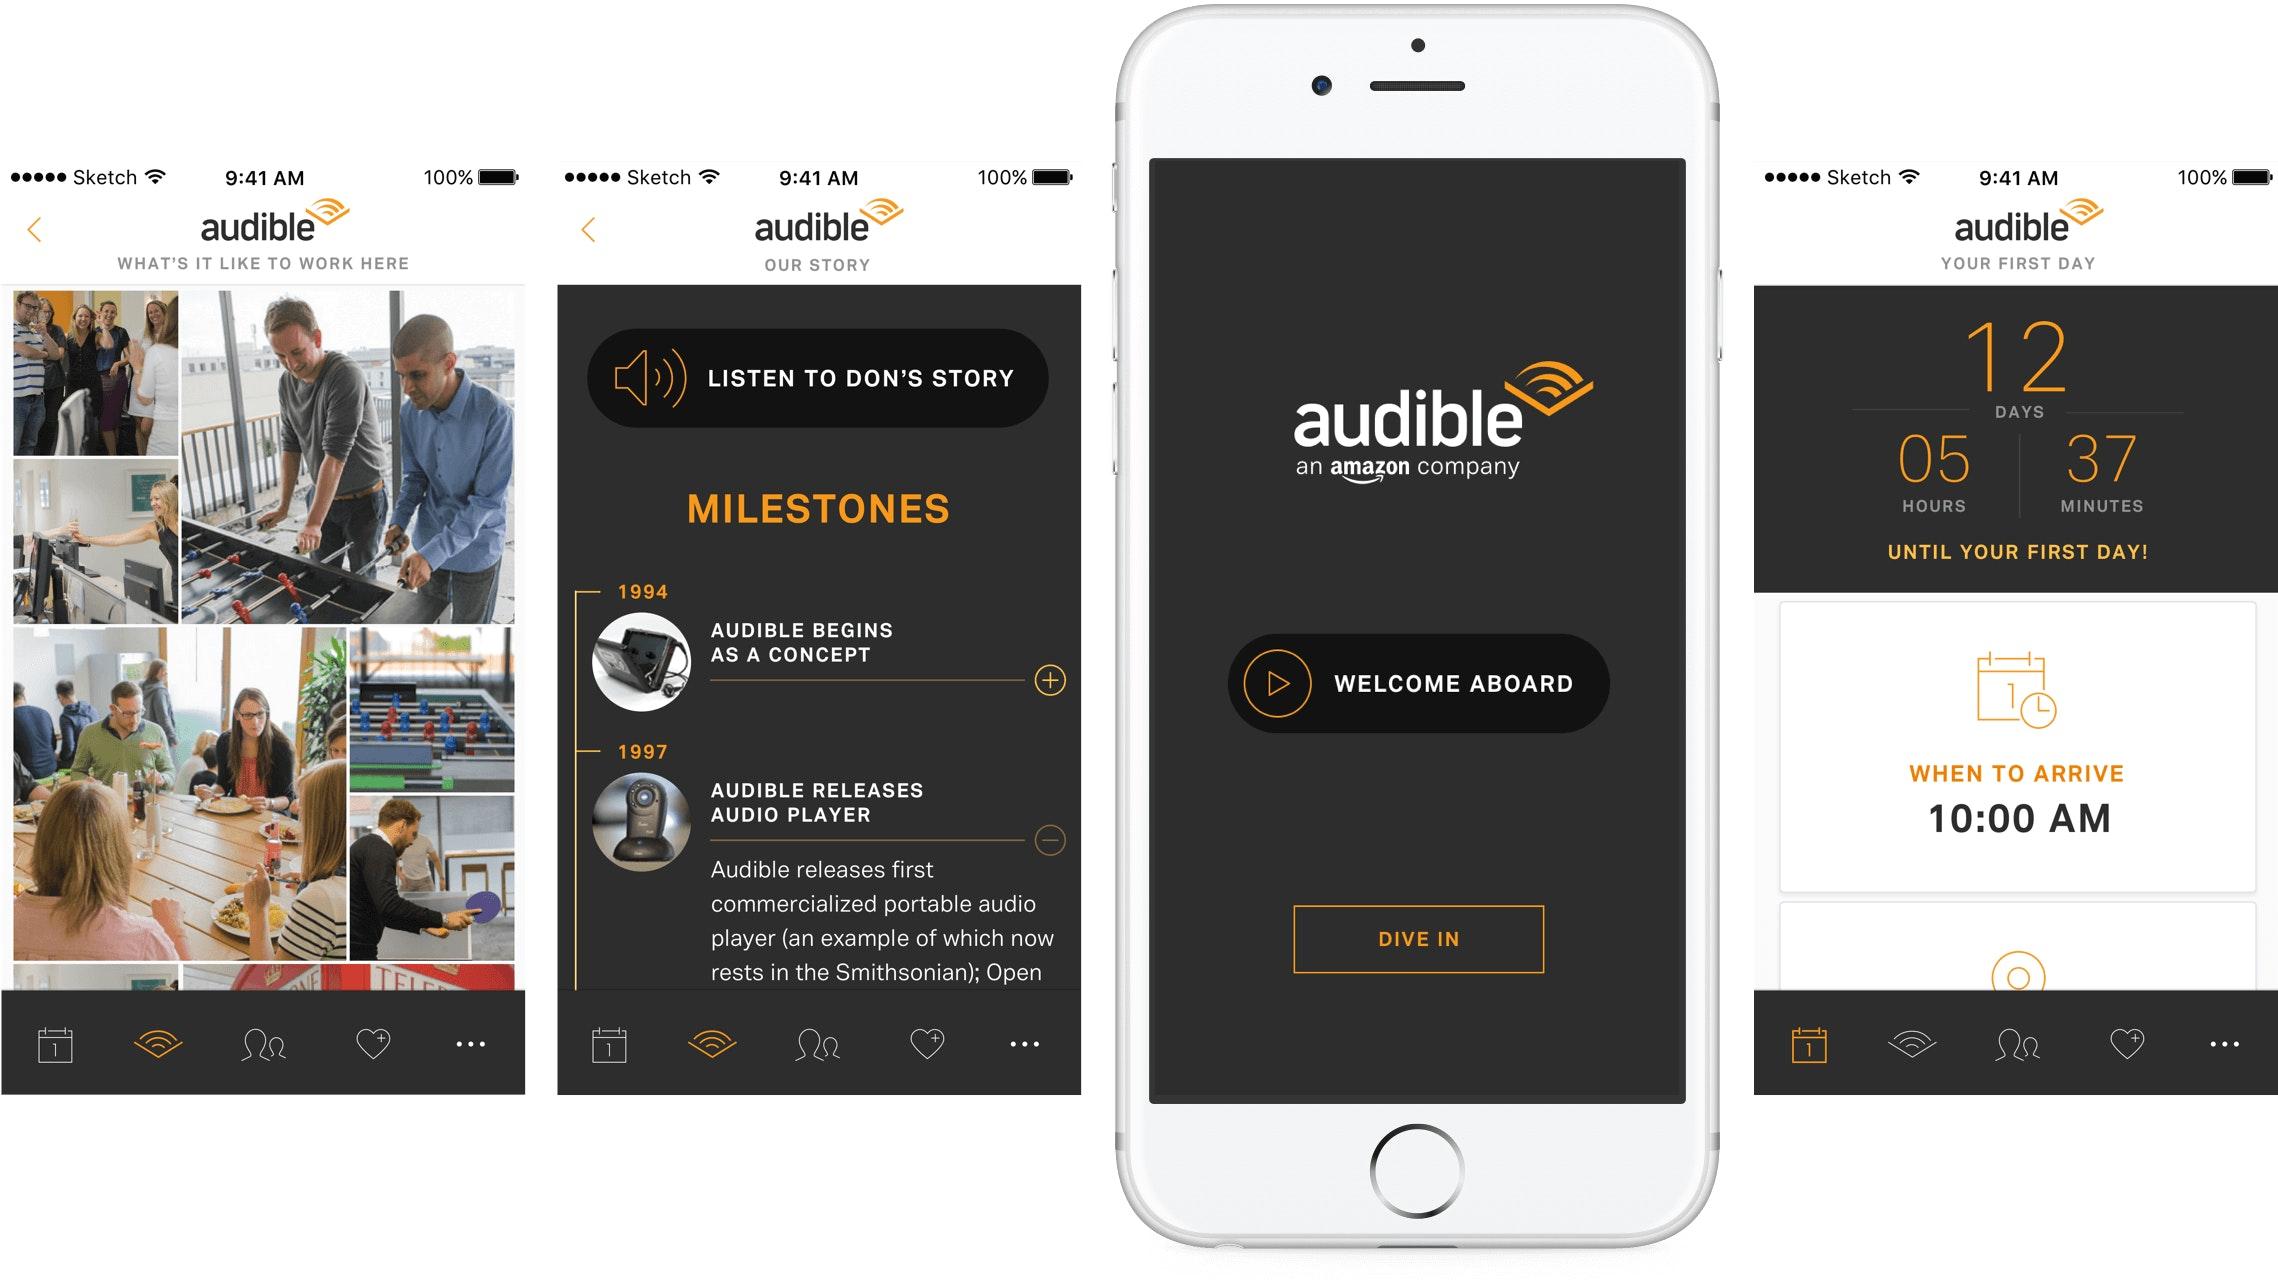 audible-onboarding-app-happyfuncorp